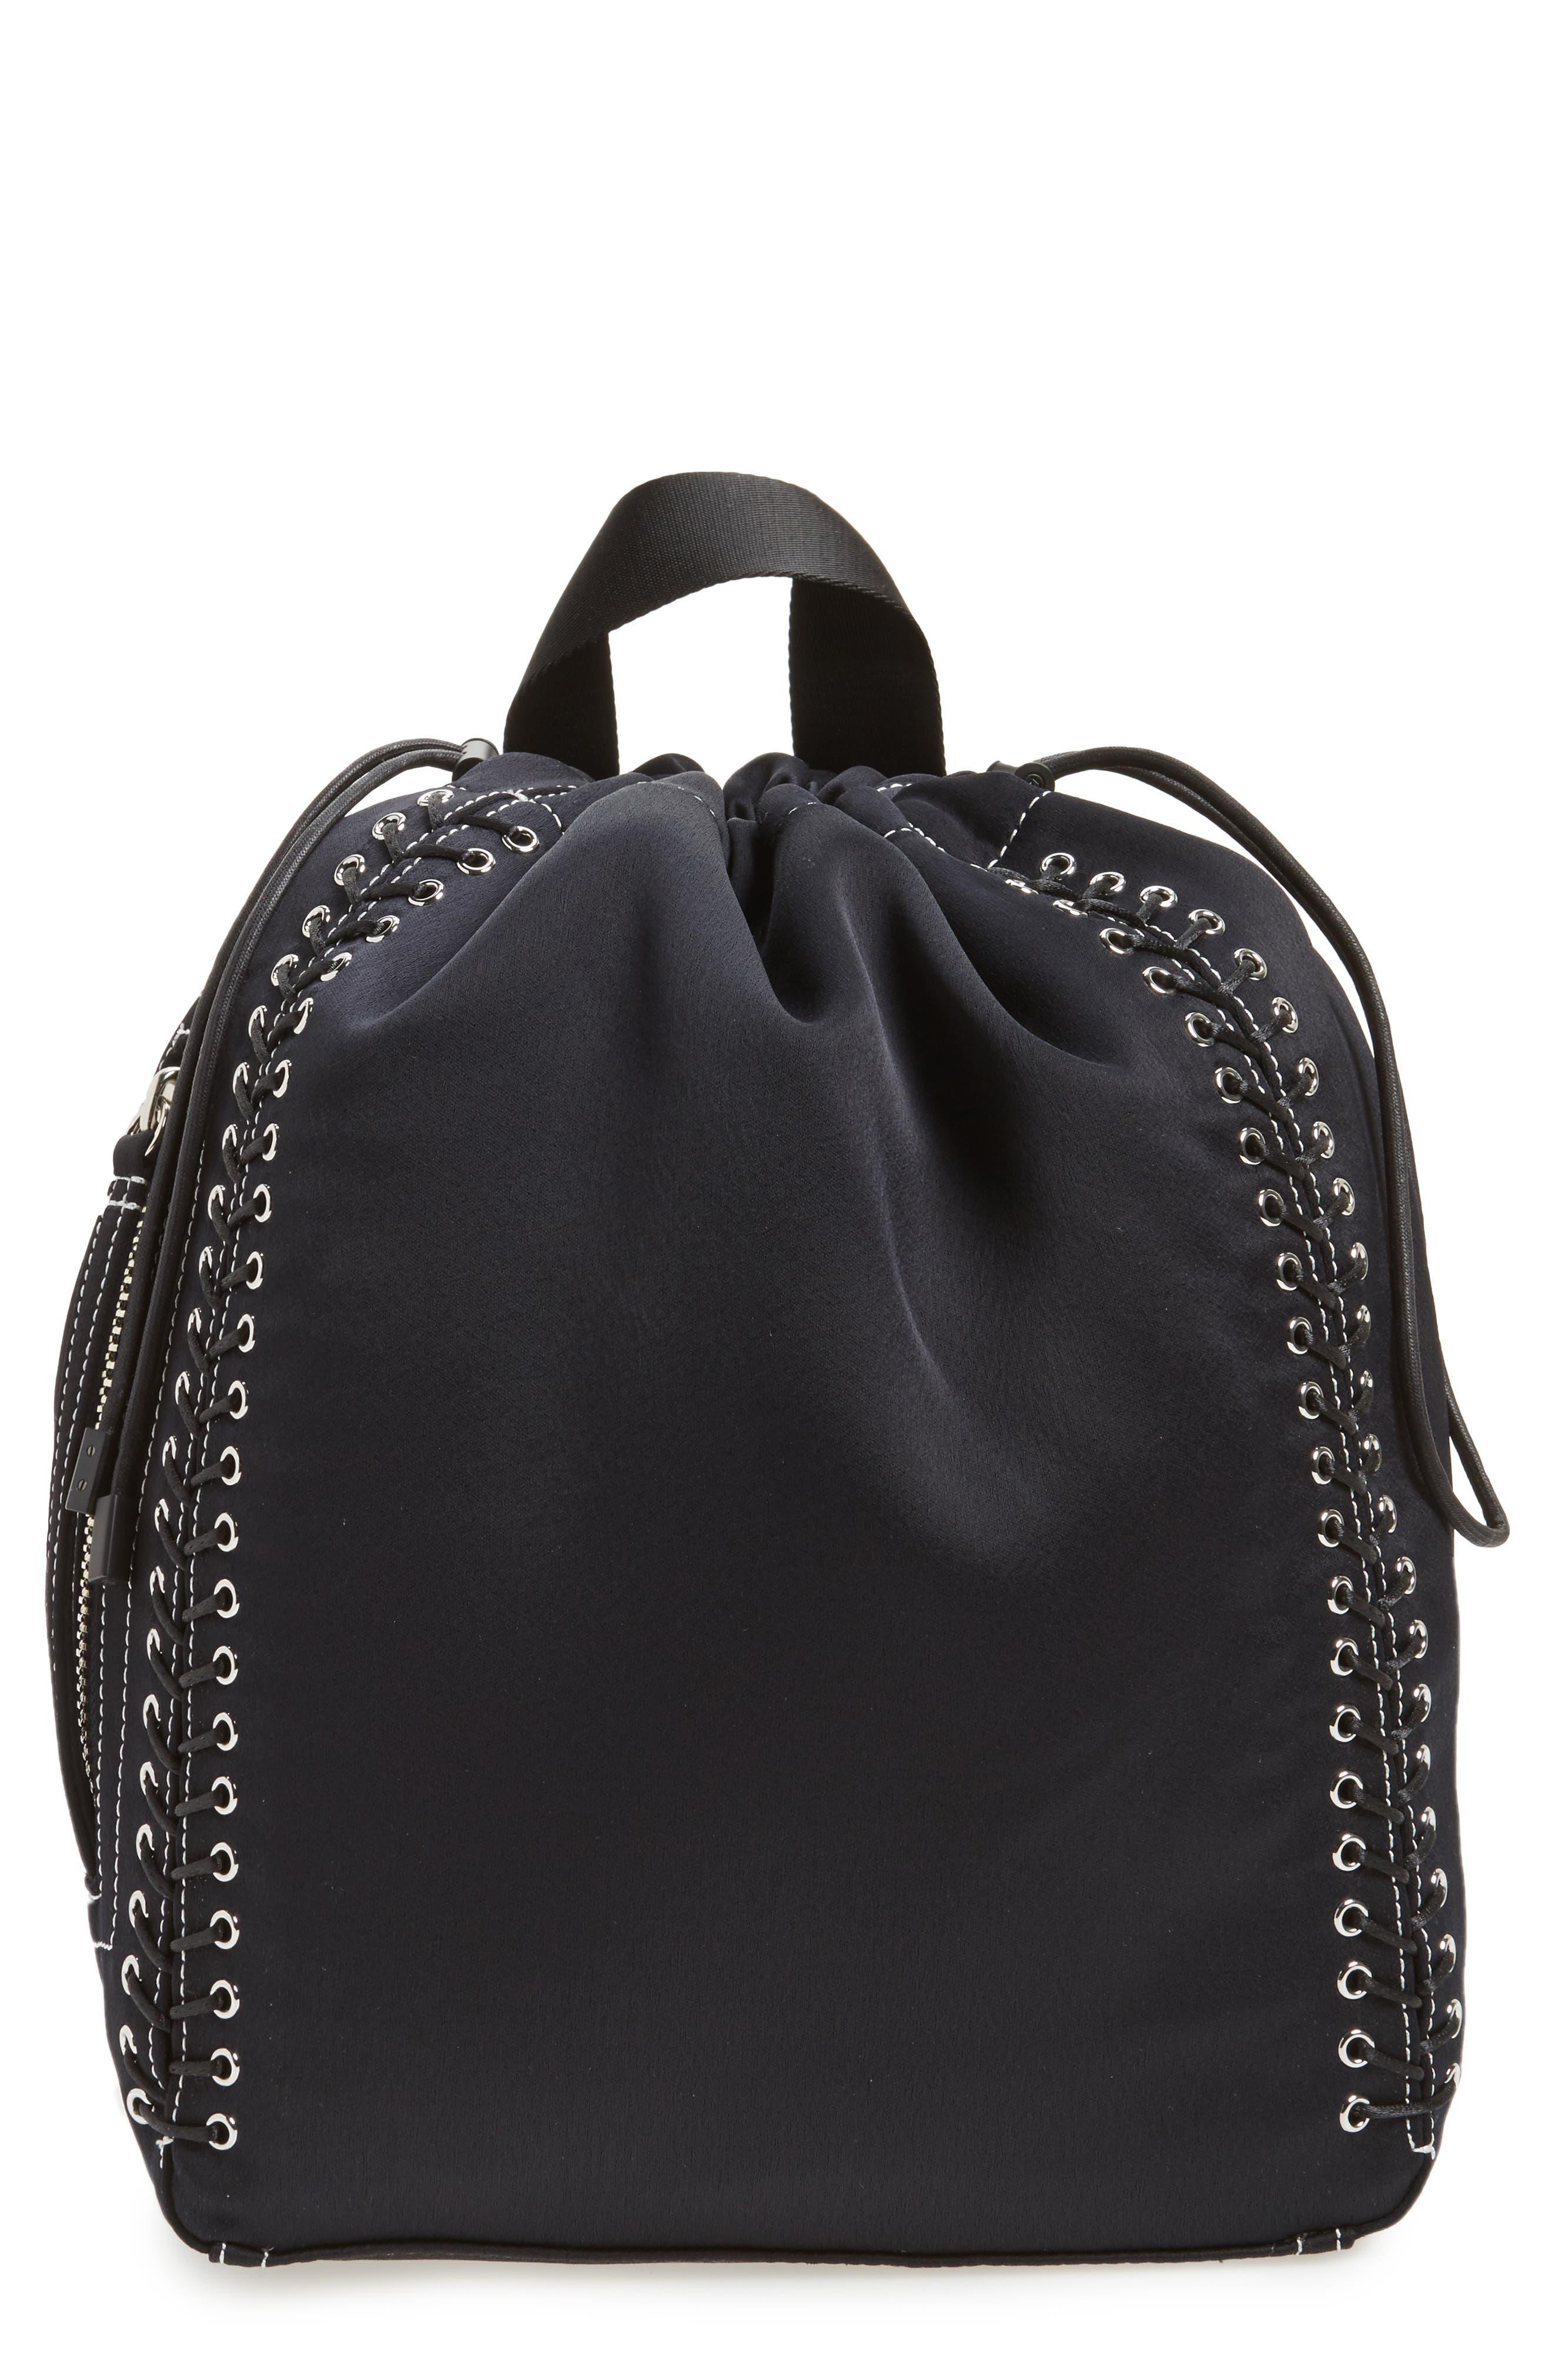 3.1 PHILLIP LIM Phillip Lim 3.1 Medium Go-Go Lace-Up Backpack